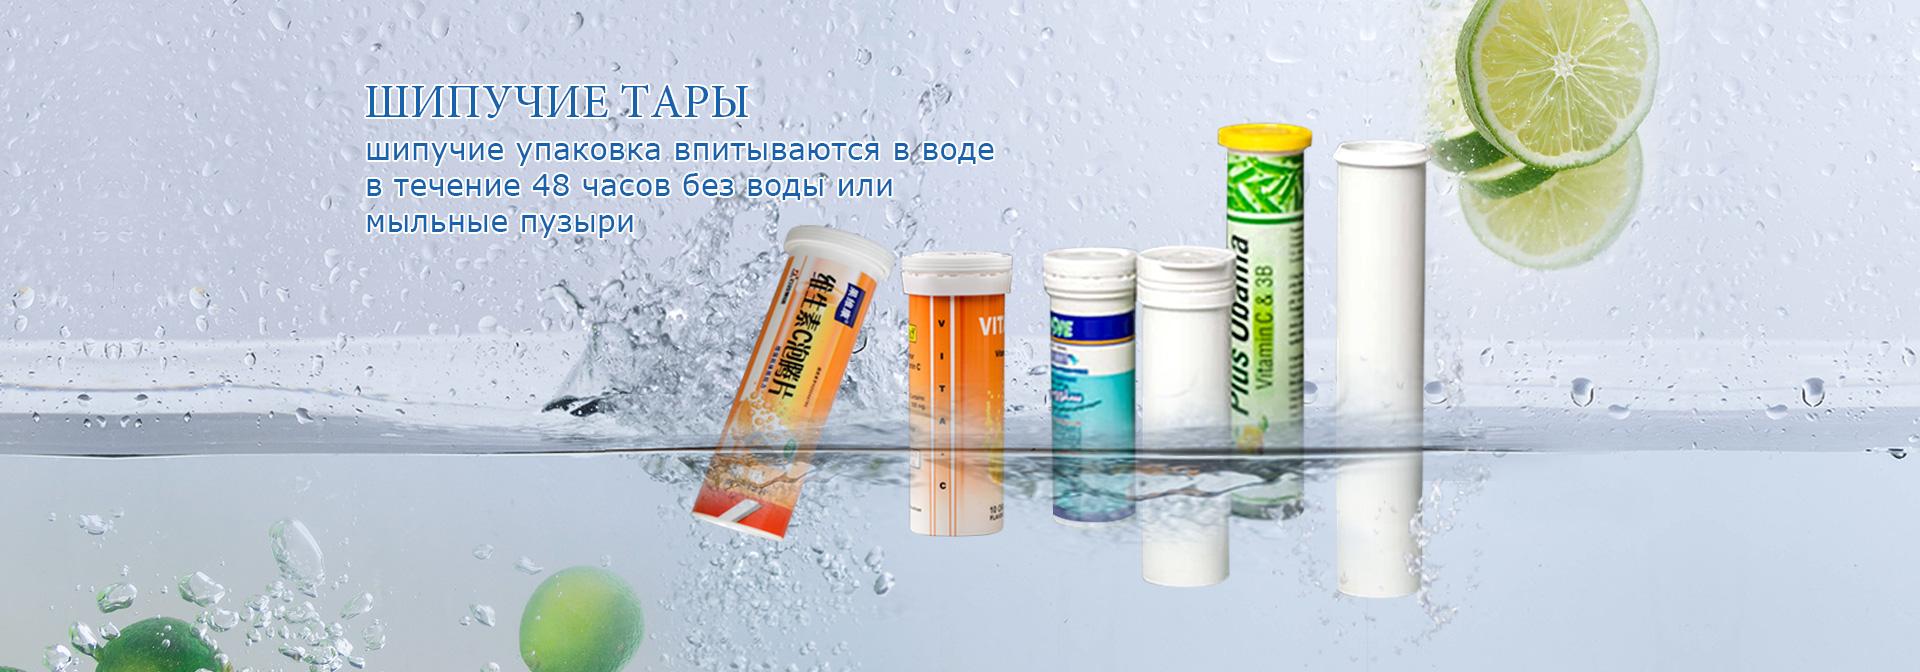 Шипучая Упаковка